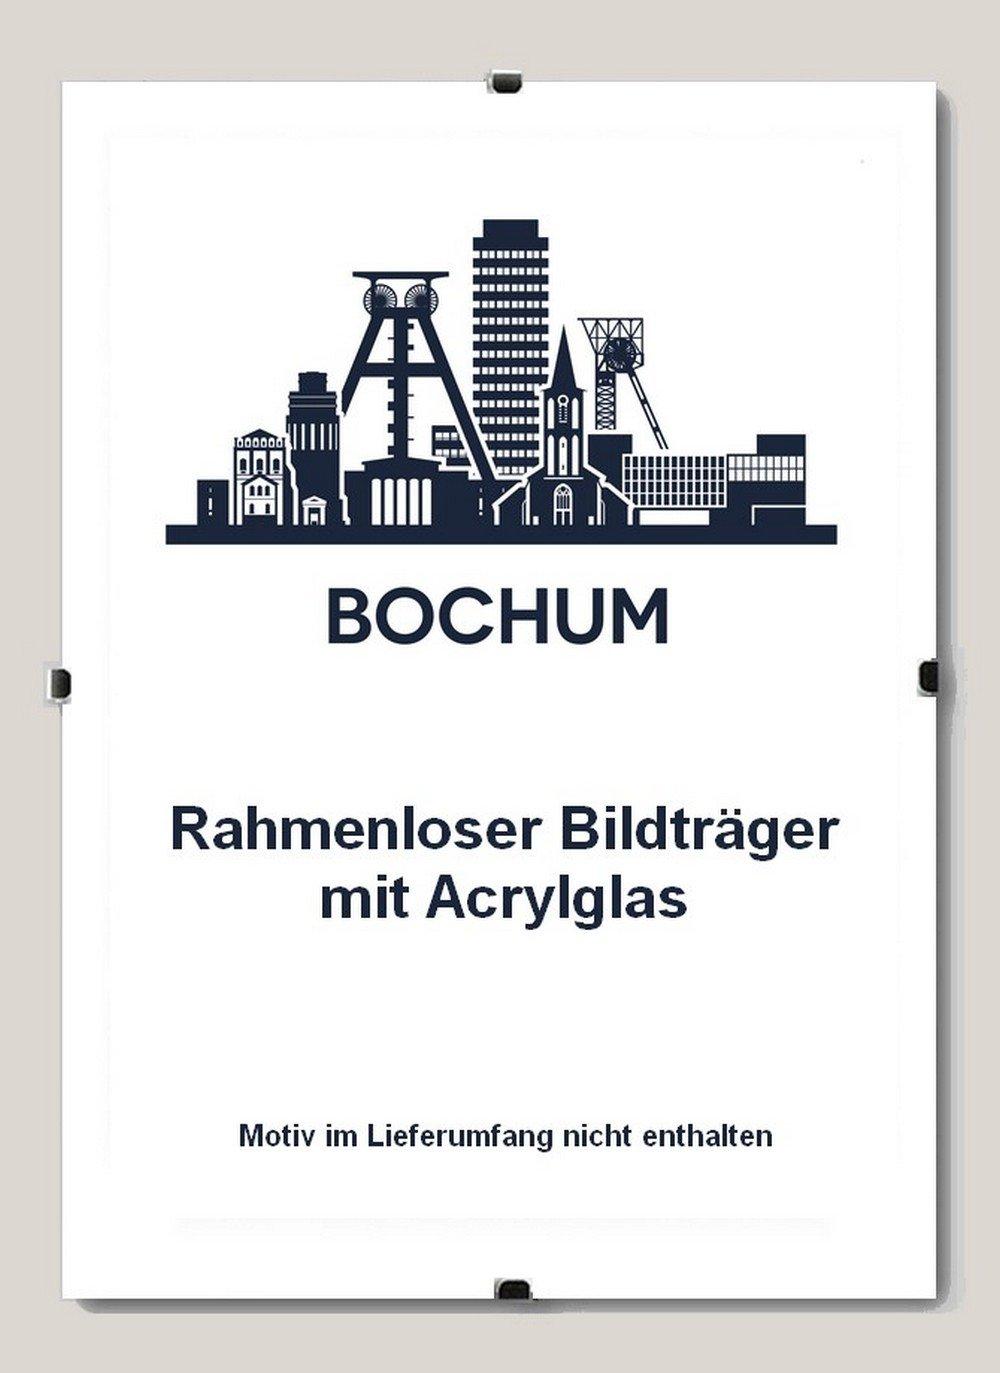 Bochum Rahmenloser Bildhalter 90 x 120 cm Cliprahmen 120 x 90 cm hier  1 Bildhalter mit Acrylglas Antireflex 2 mm